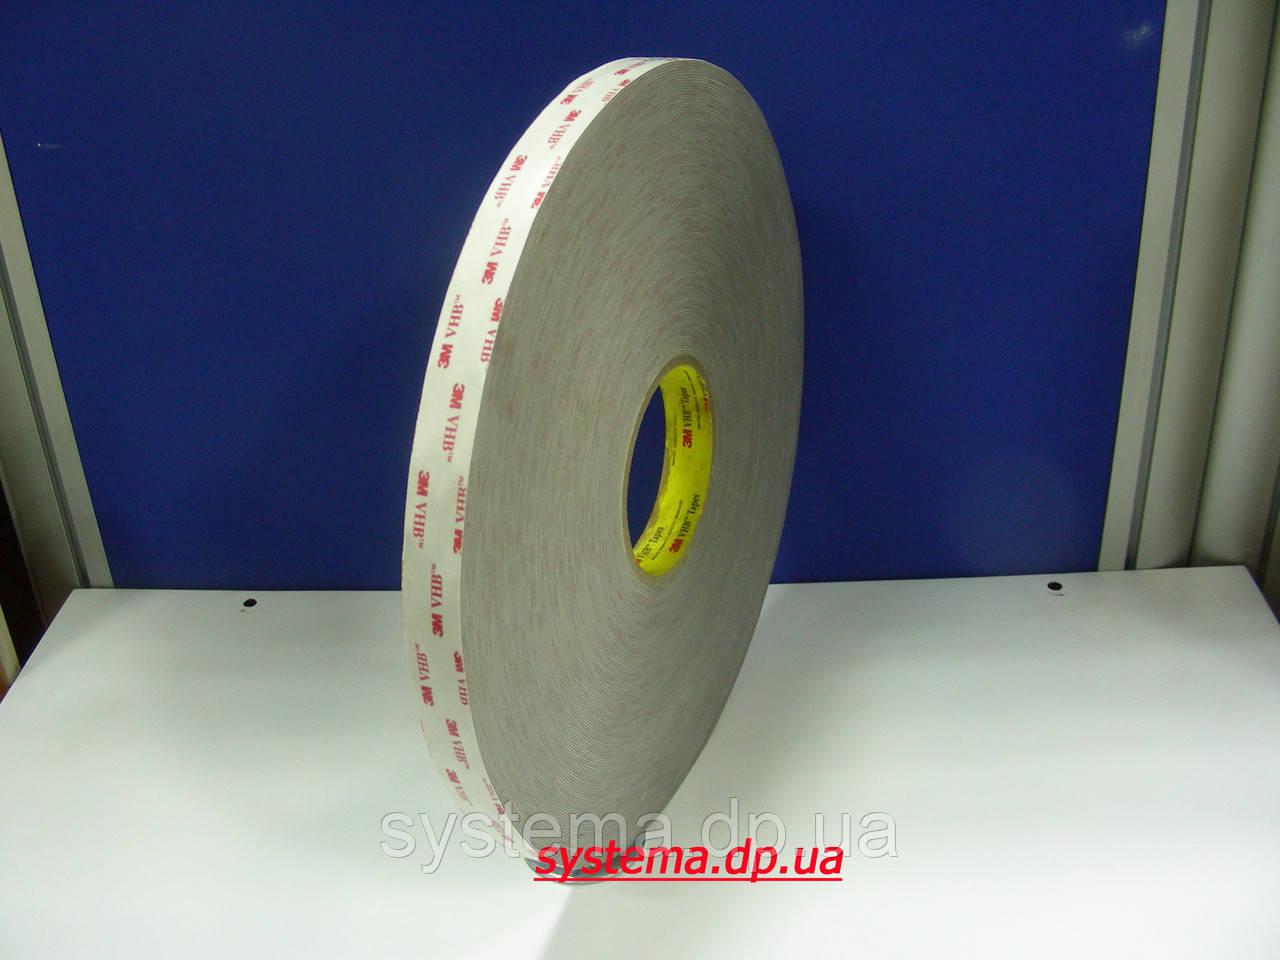 3M™ VHB™  RP16P -  Скотч 3М, двухсторонний монтажный, 6,0х0,4 мм, рулон 66 м, бумаж. лайнер